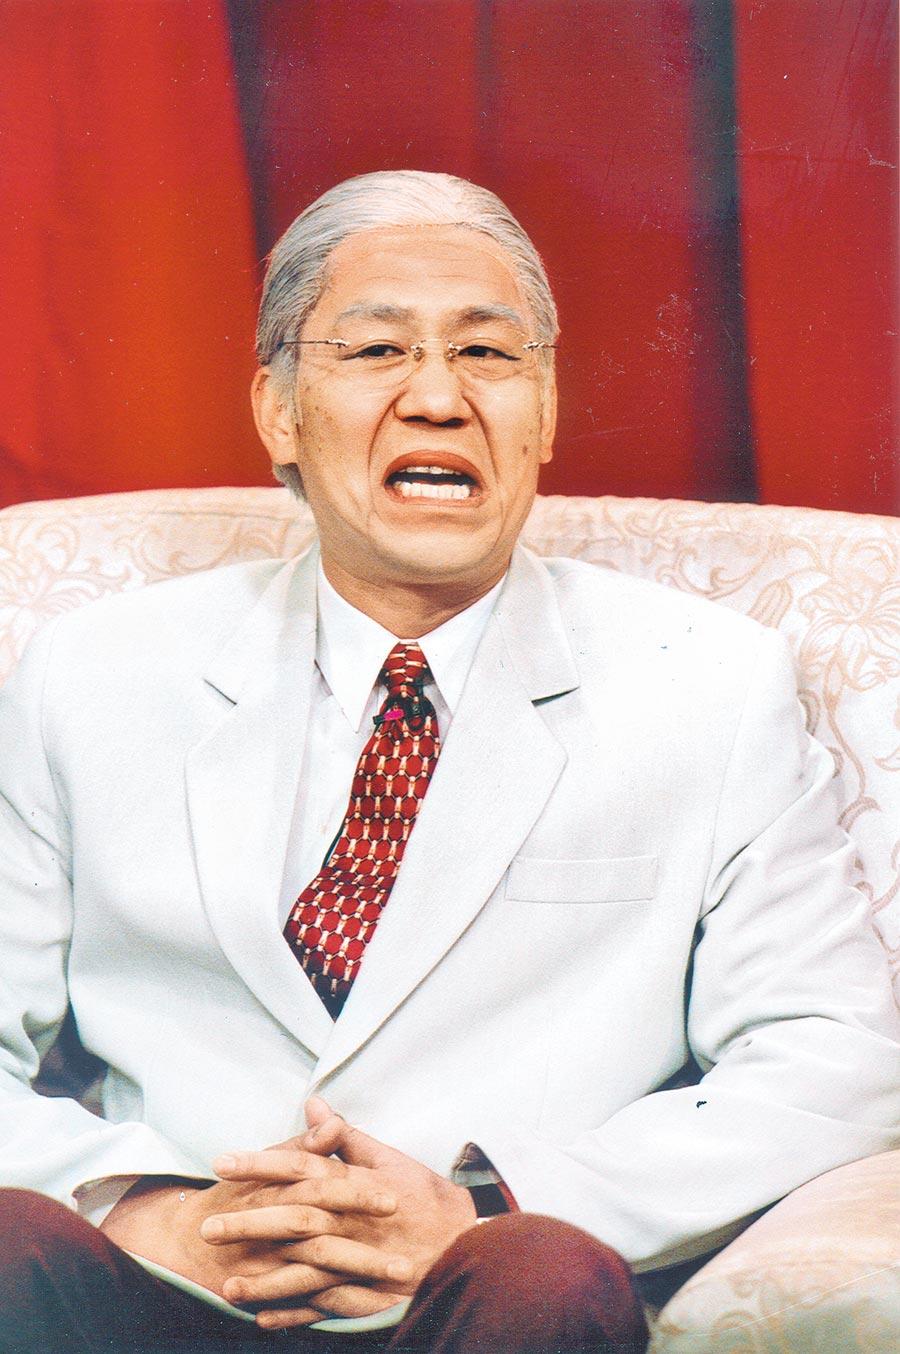 羅時豐曾模仿李前總統,十分逼真傳神。(資料照片)